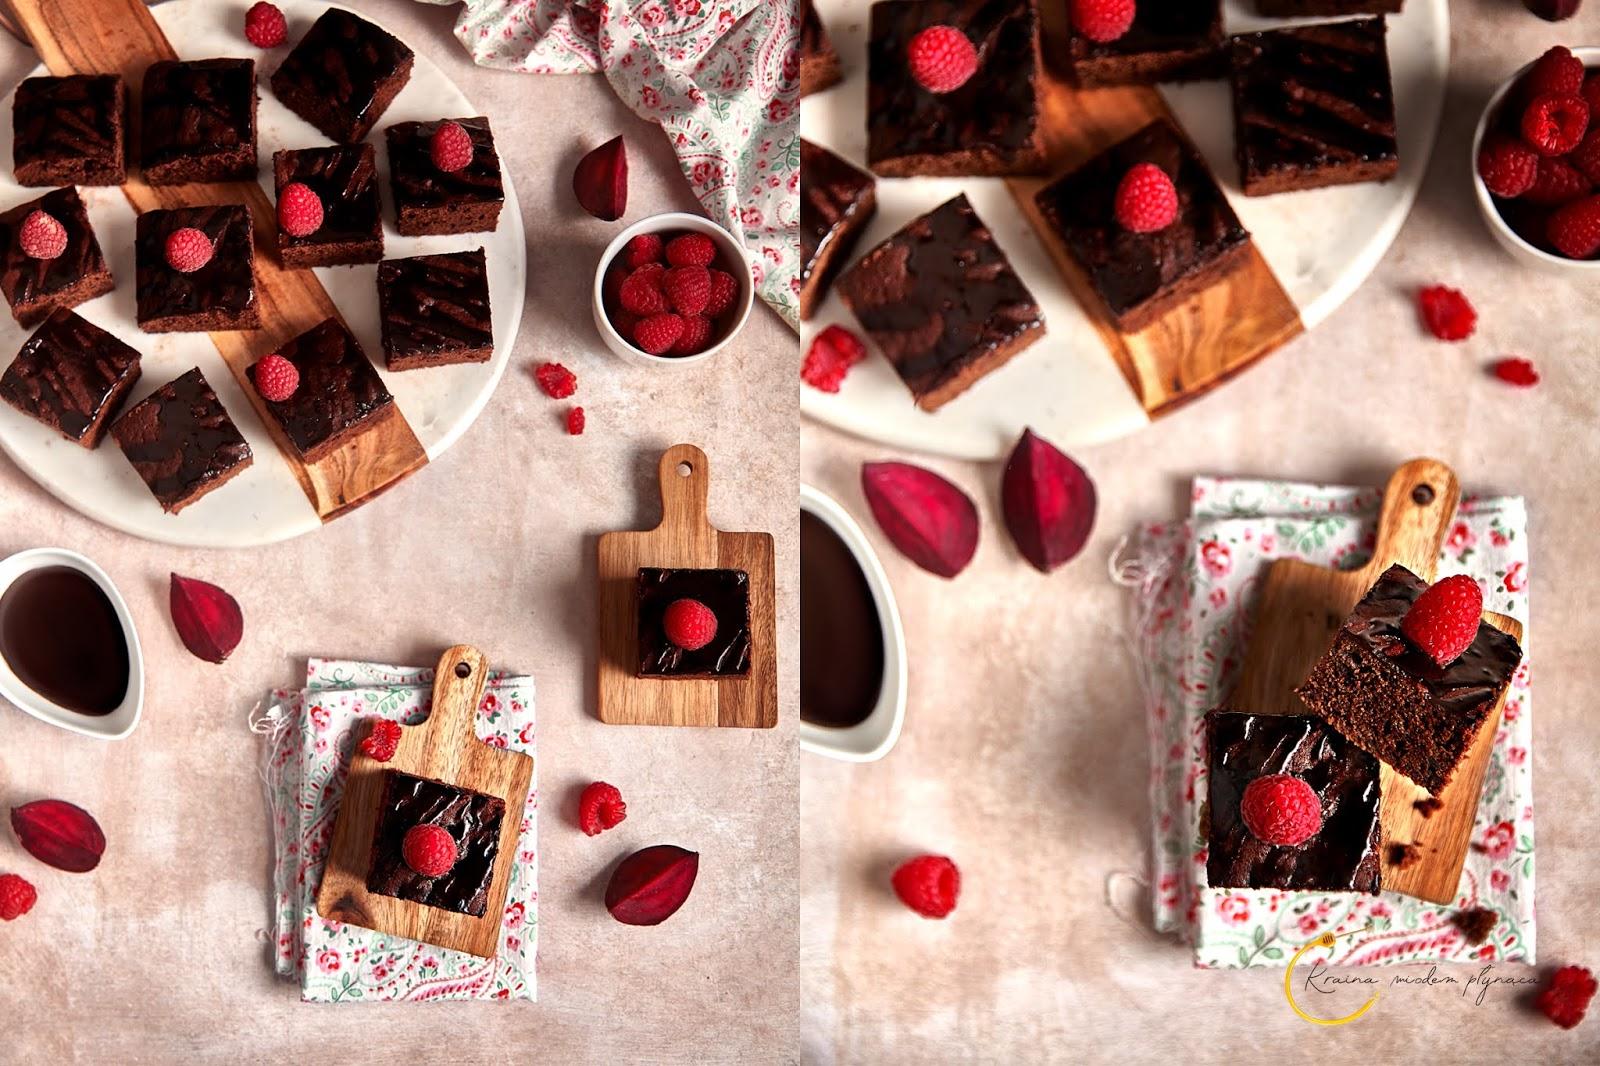 ciasto buraczkowe, ciasto z burakami, ciasto z buraków, czekoladowe ciasto z burakiem, brownie z burakiem, ciasto murzynek, kraina miodem płynąca, fotografia kulinarna szczecin